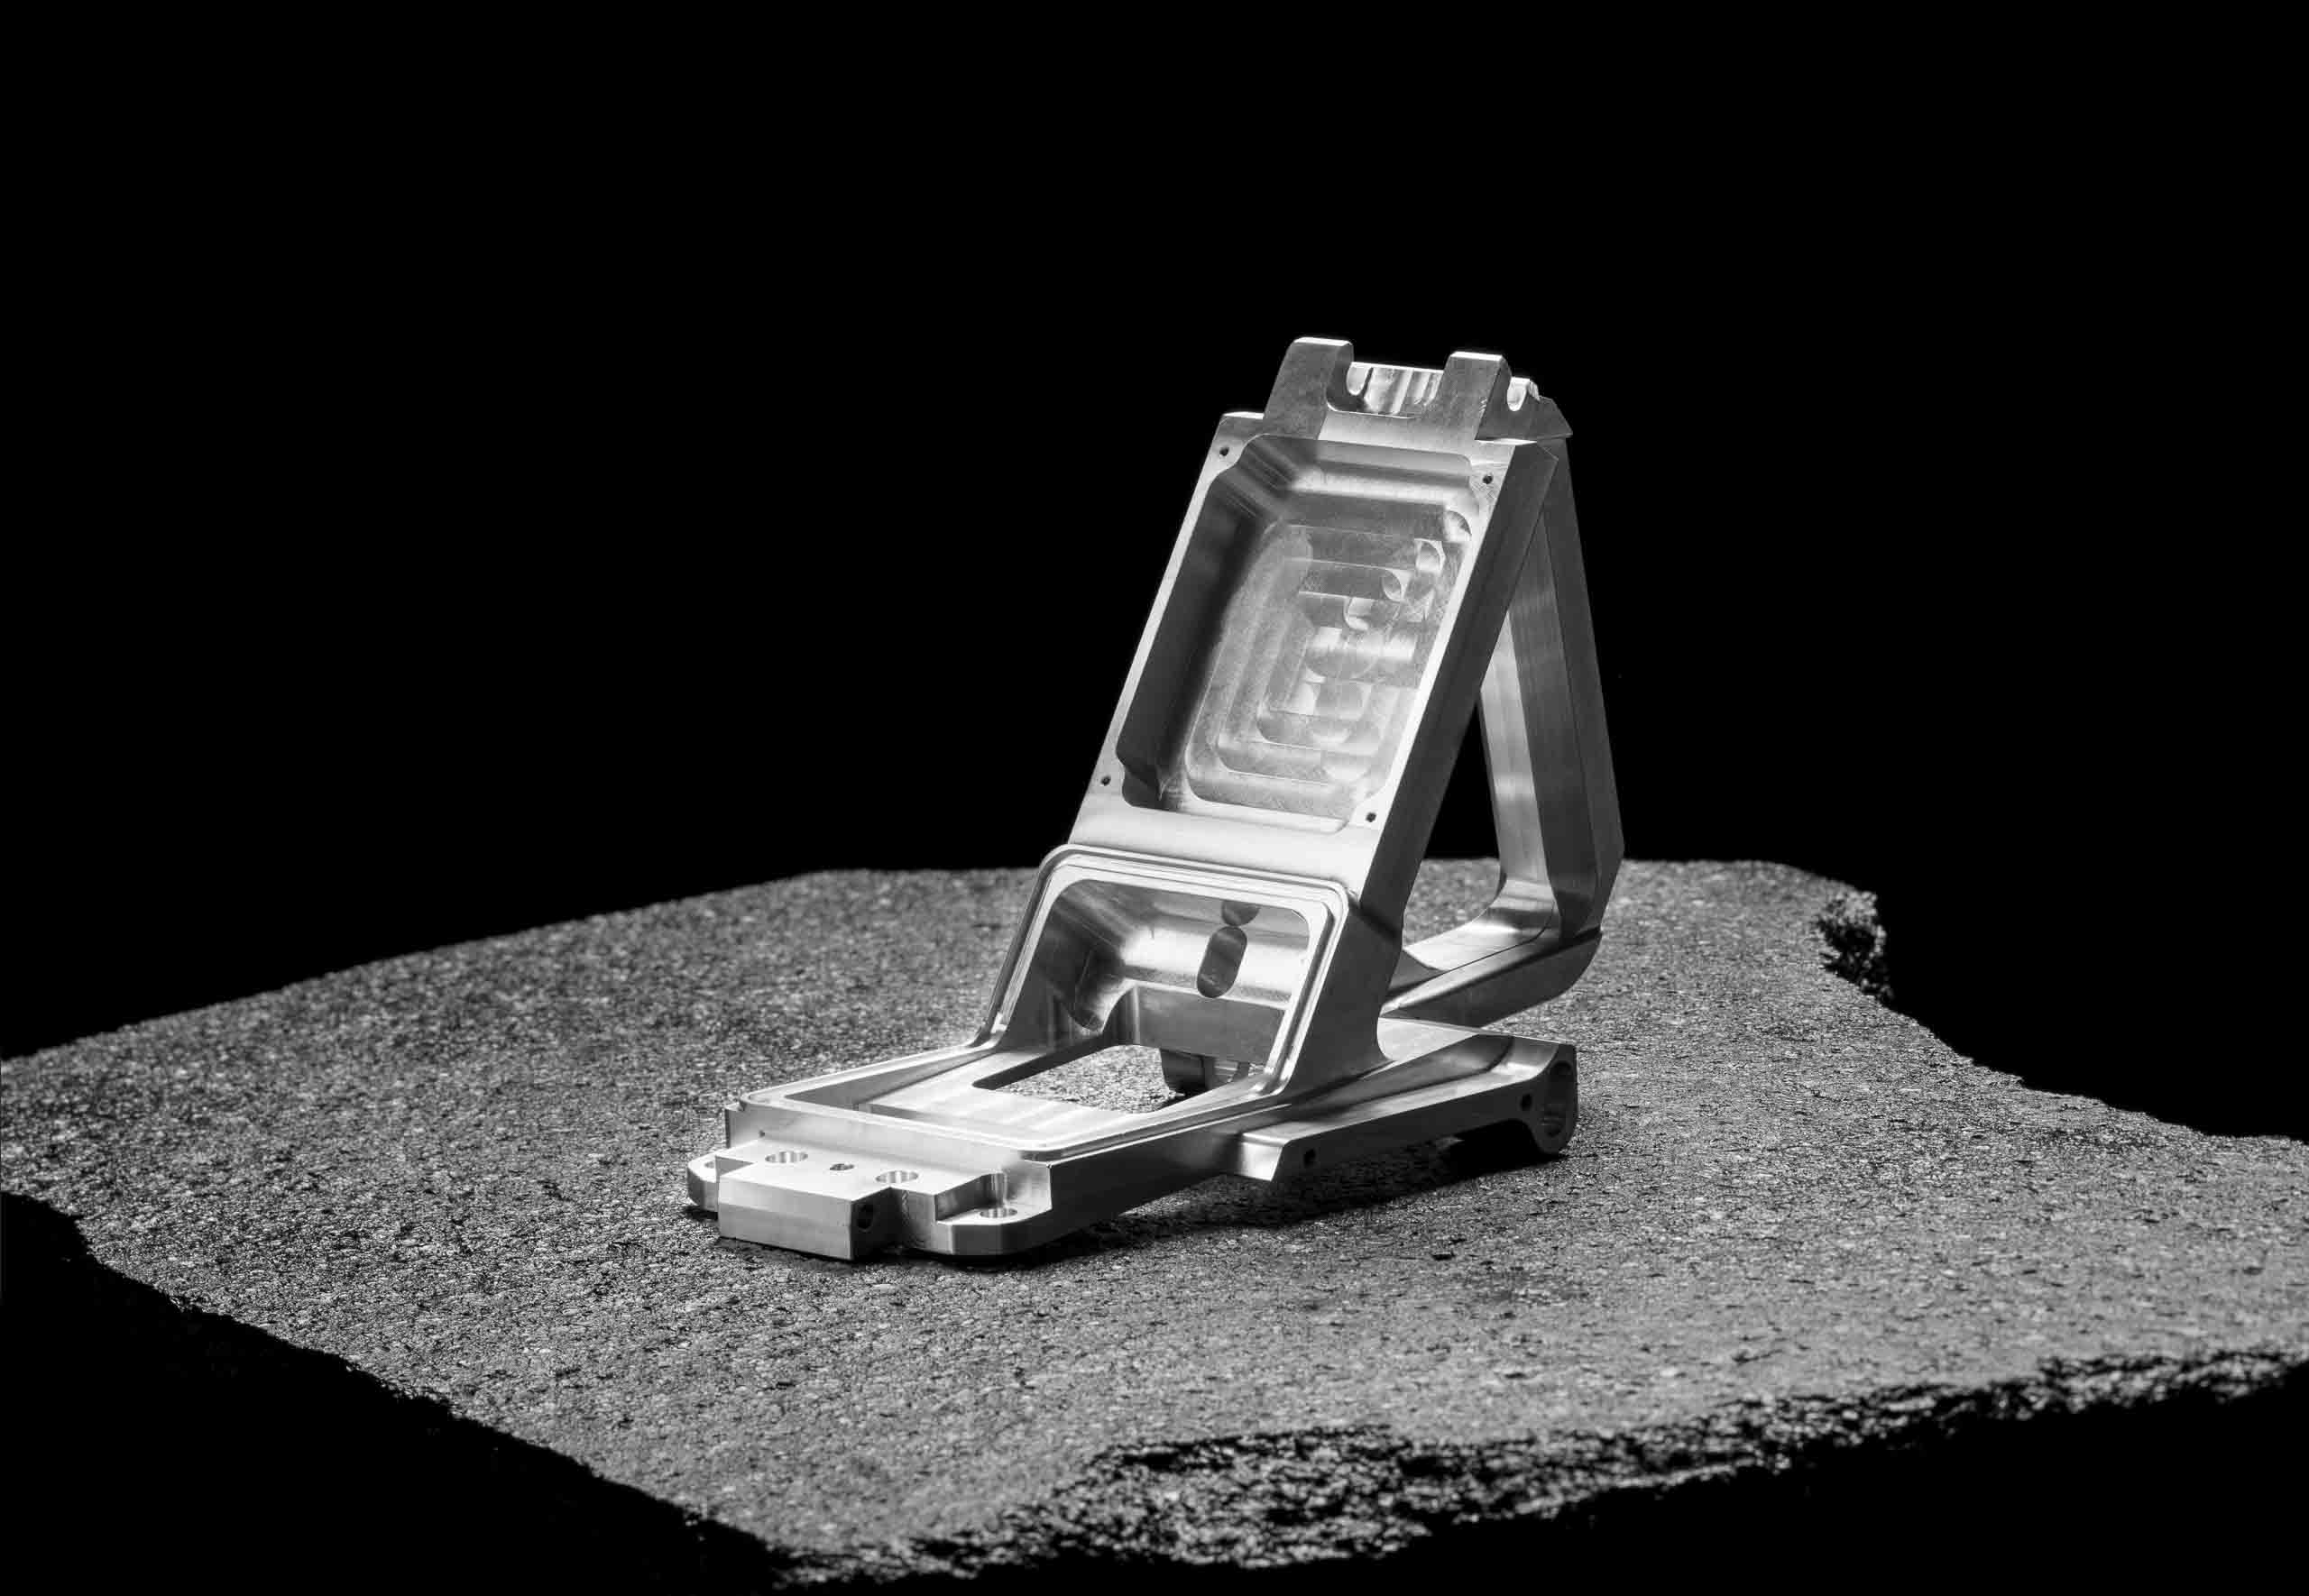 Studiofoto von Aluminiumwerkstück vor schwarzem Hintergrund